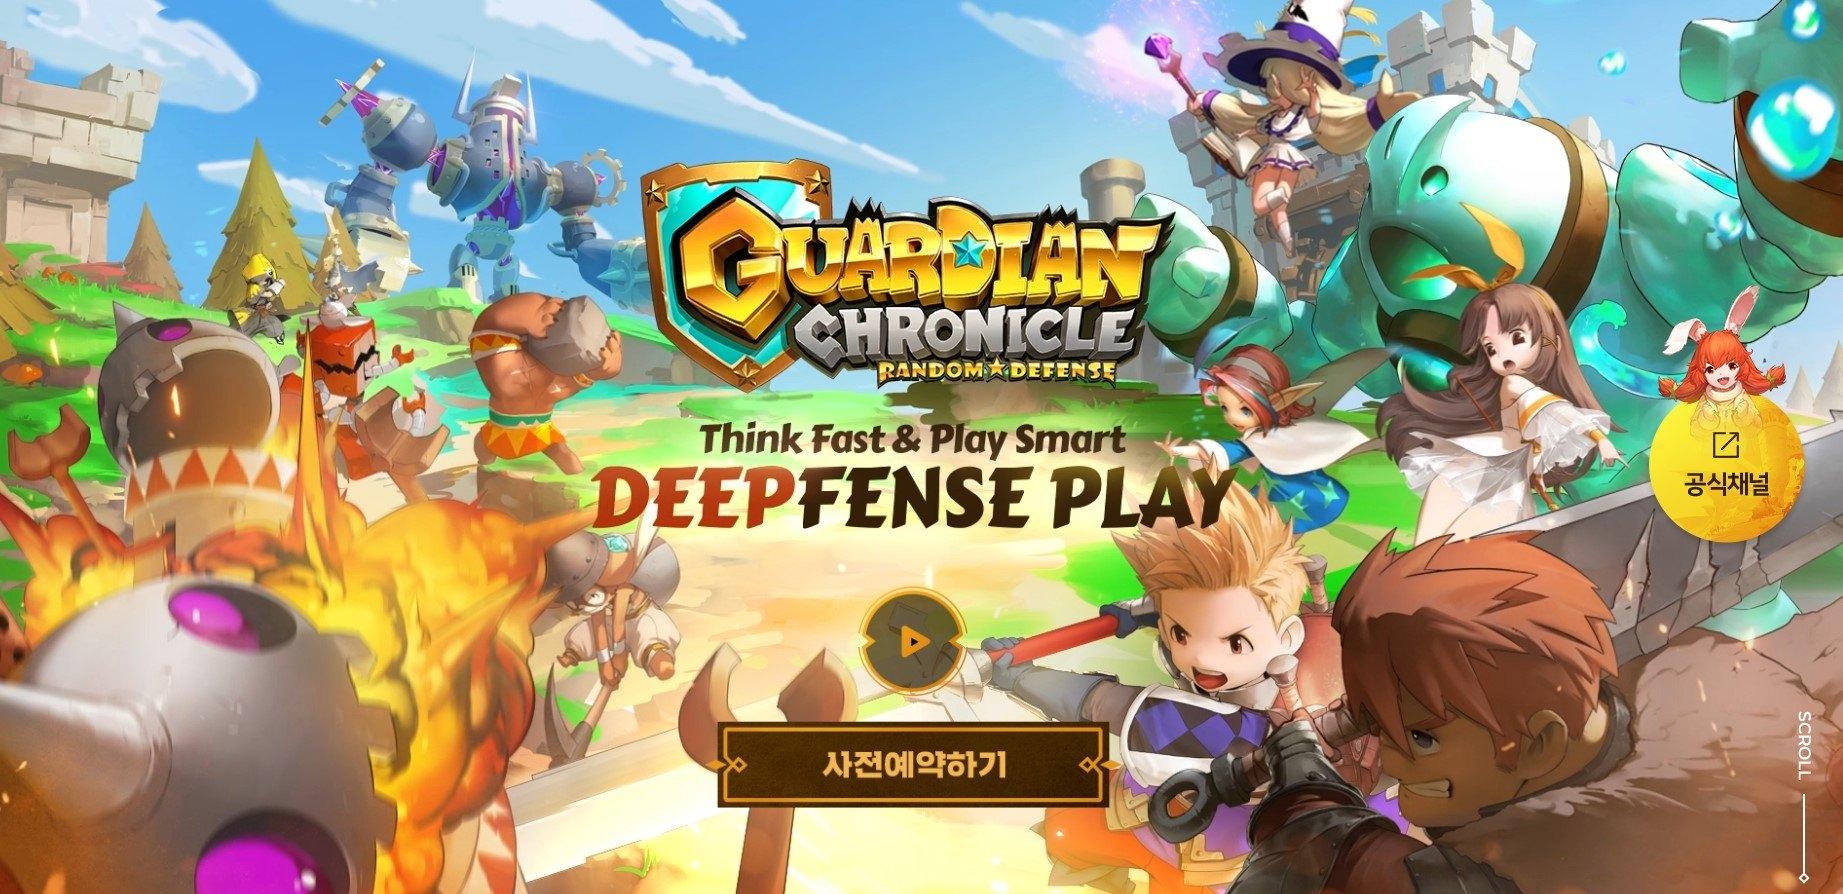 라인게임즈의 디펜스 게임 가디언 크로니클 사전예약 진행, 디펜스 게임의 재미를 PC에서 느껴봐요!